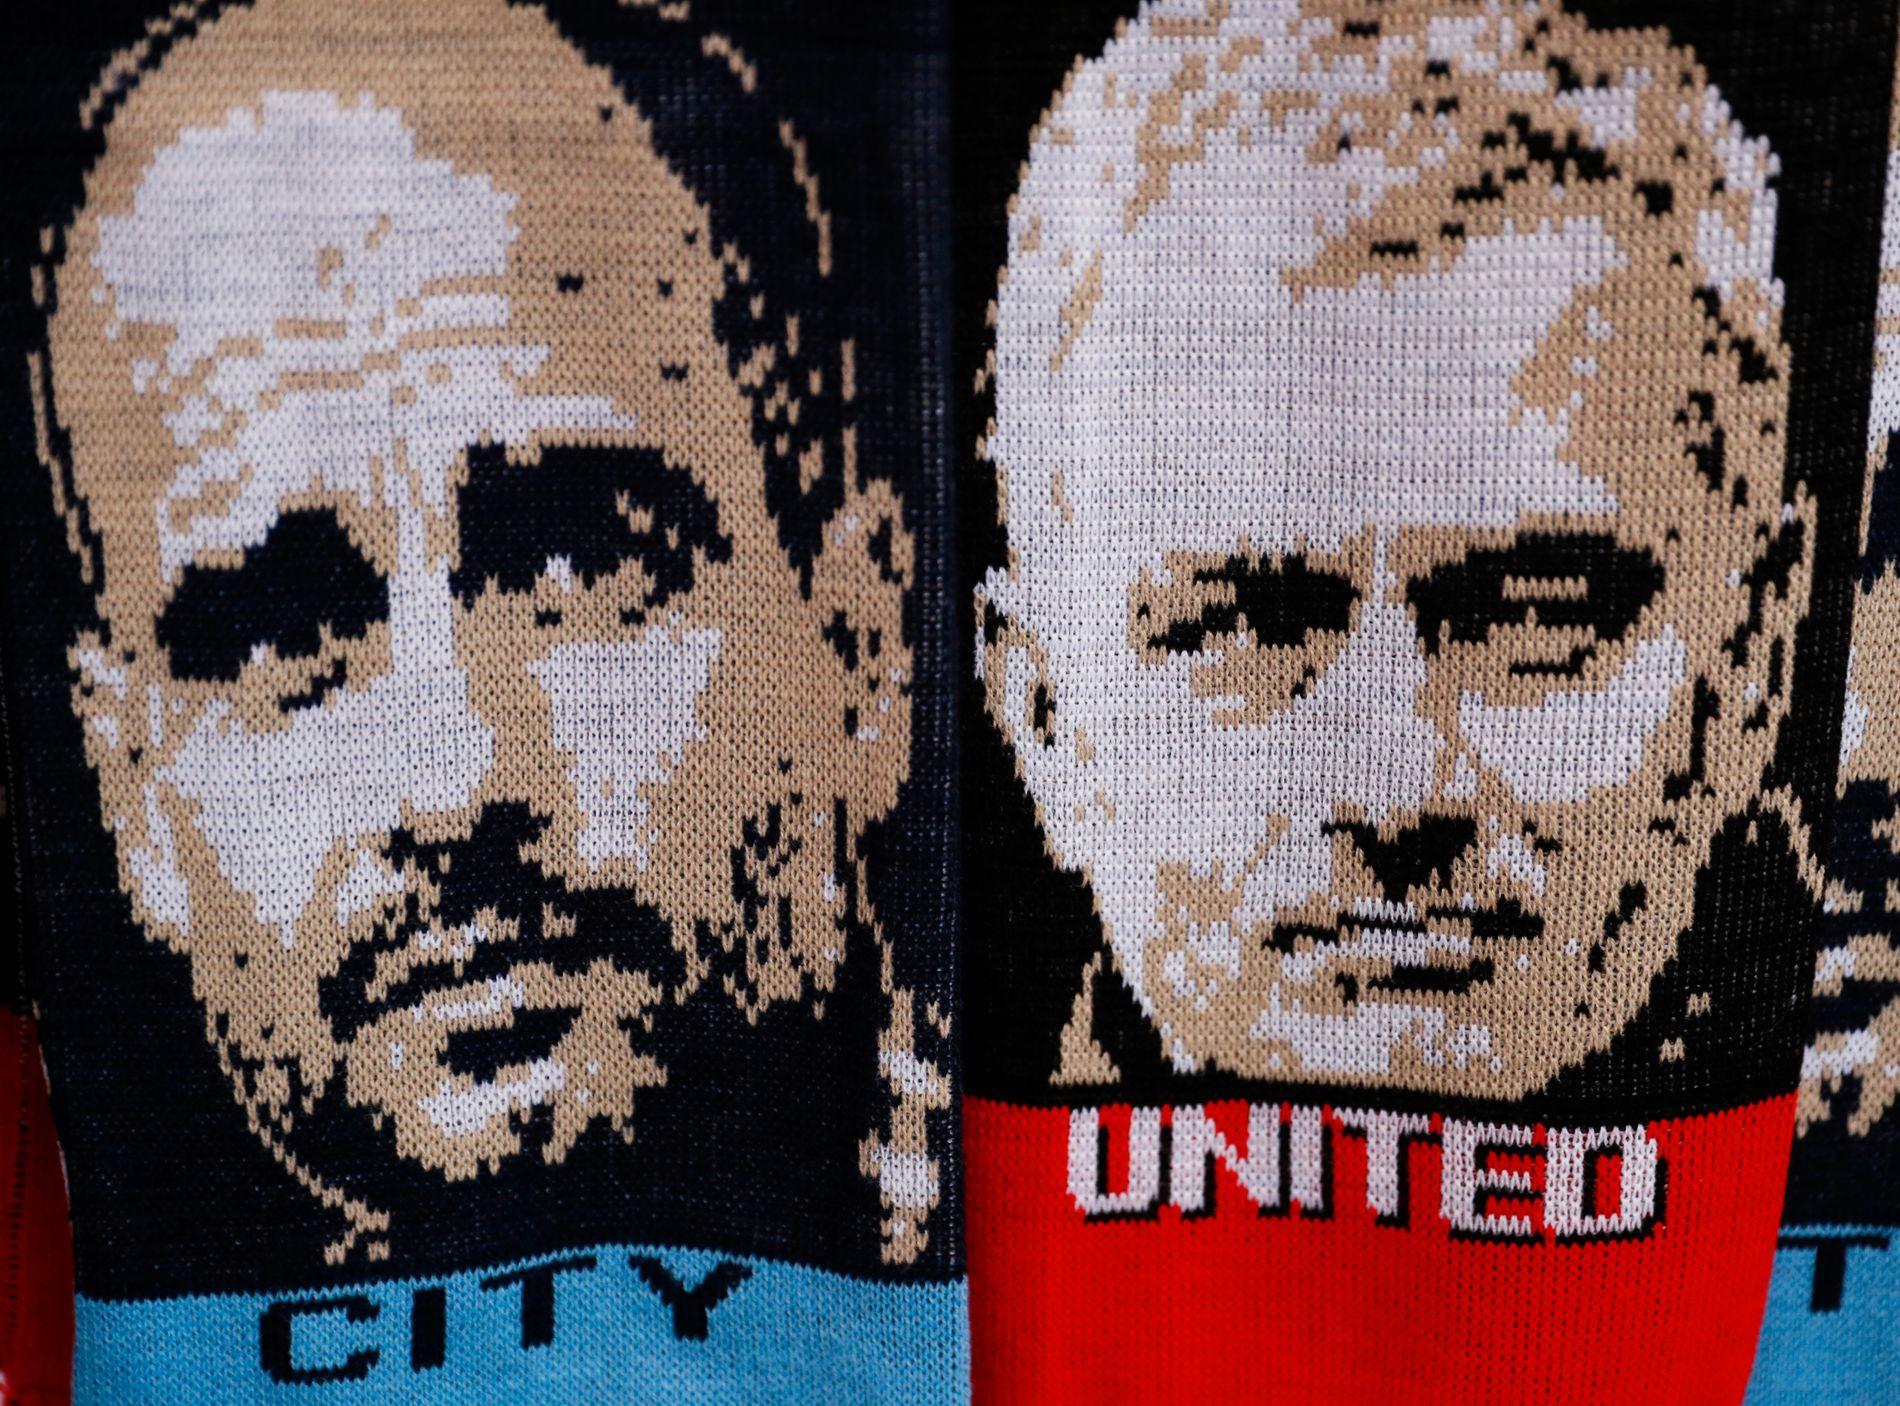 MANAGER-STJERNENE: Pep Guardiola og José Mourinho hadde enorme forventninger knyttet til seg foran sesongen. Akkurat nå ser det ut som de sliter med å innfri dem. Her fra en salgsbod foran ligacupmøtet mellom lagene i oktober.